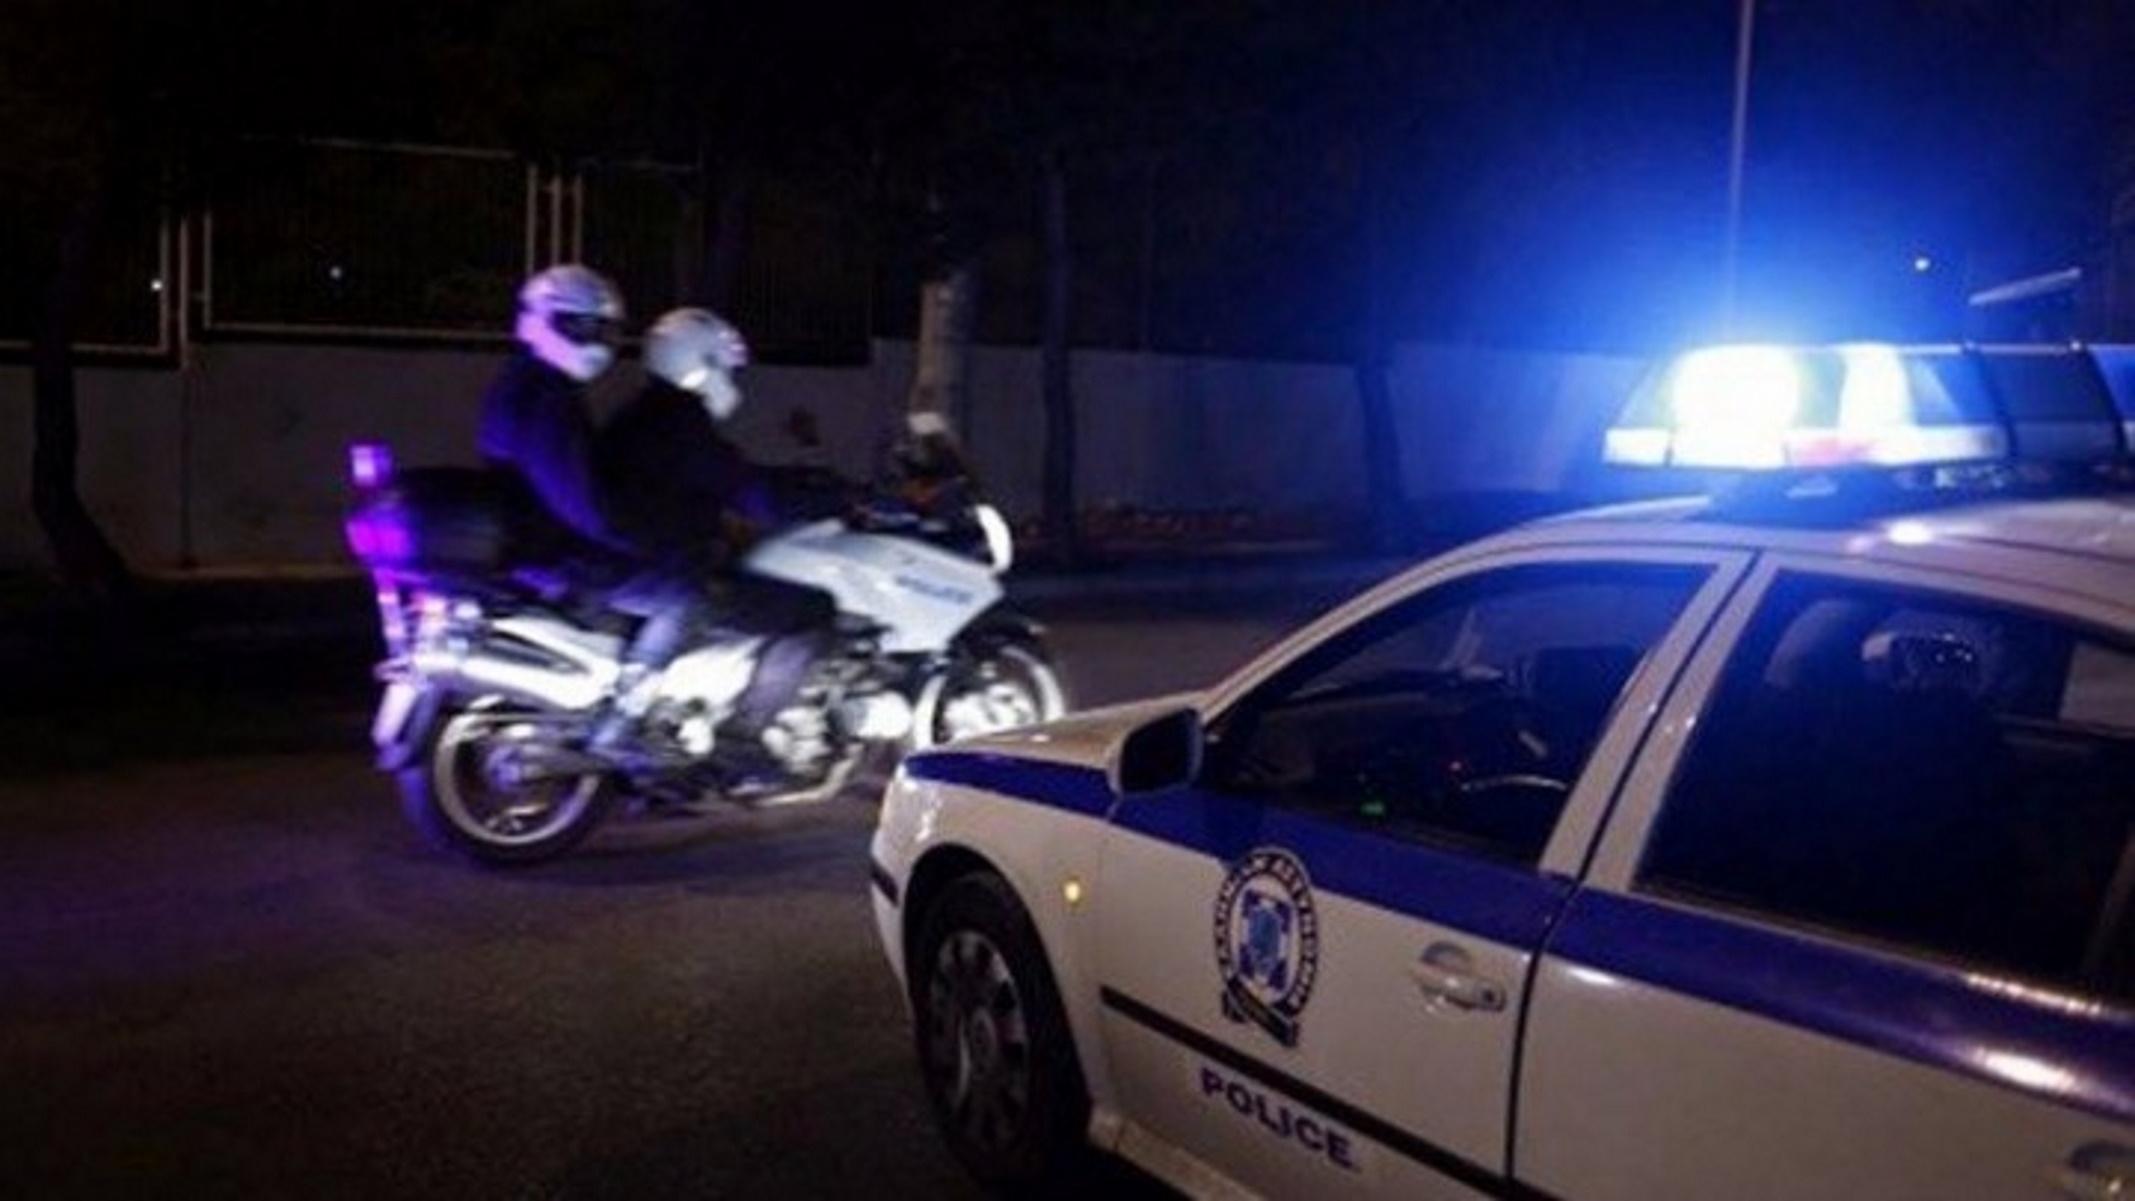 Κορονοϊός: Πρόστιμα 358.900 ευρώ και λουκέτο σε 16 επιχειρήσεις για παραβίαση των μέτρων